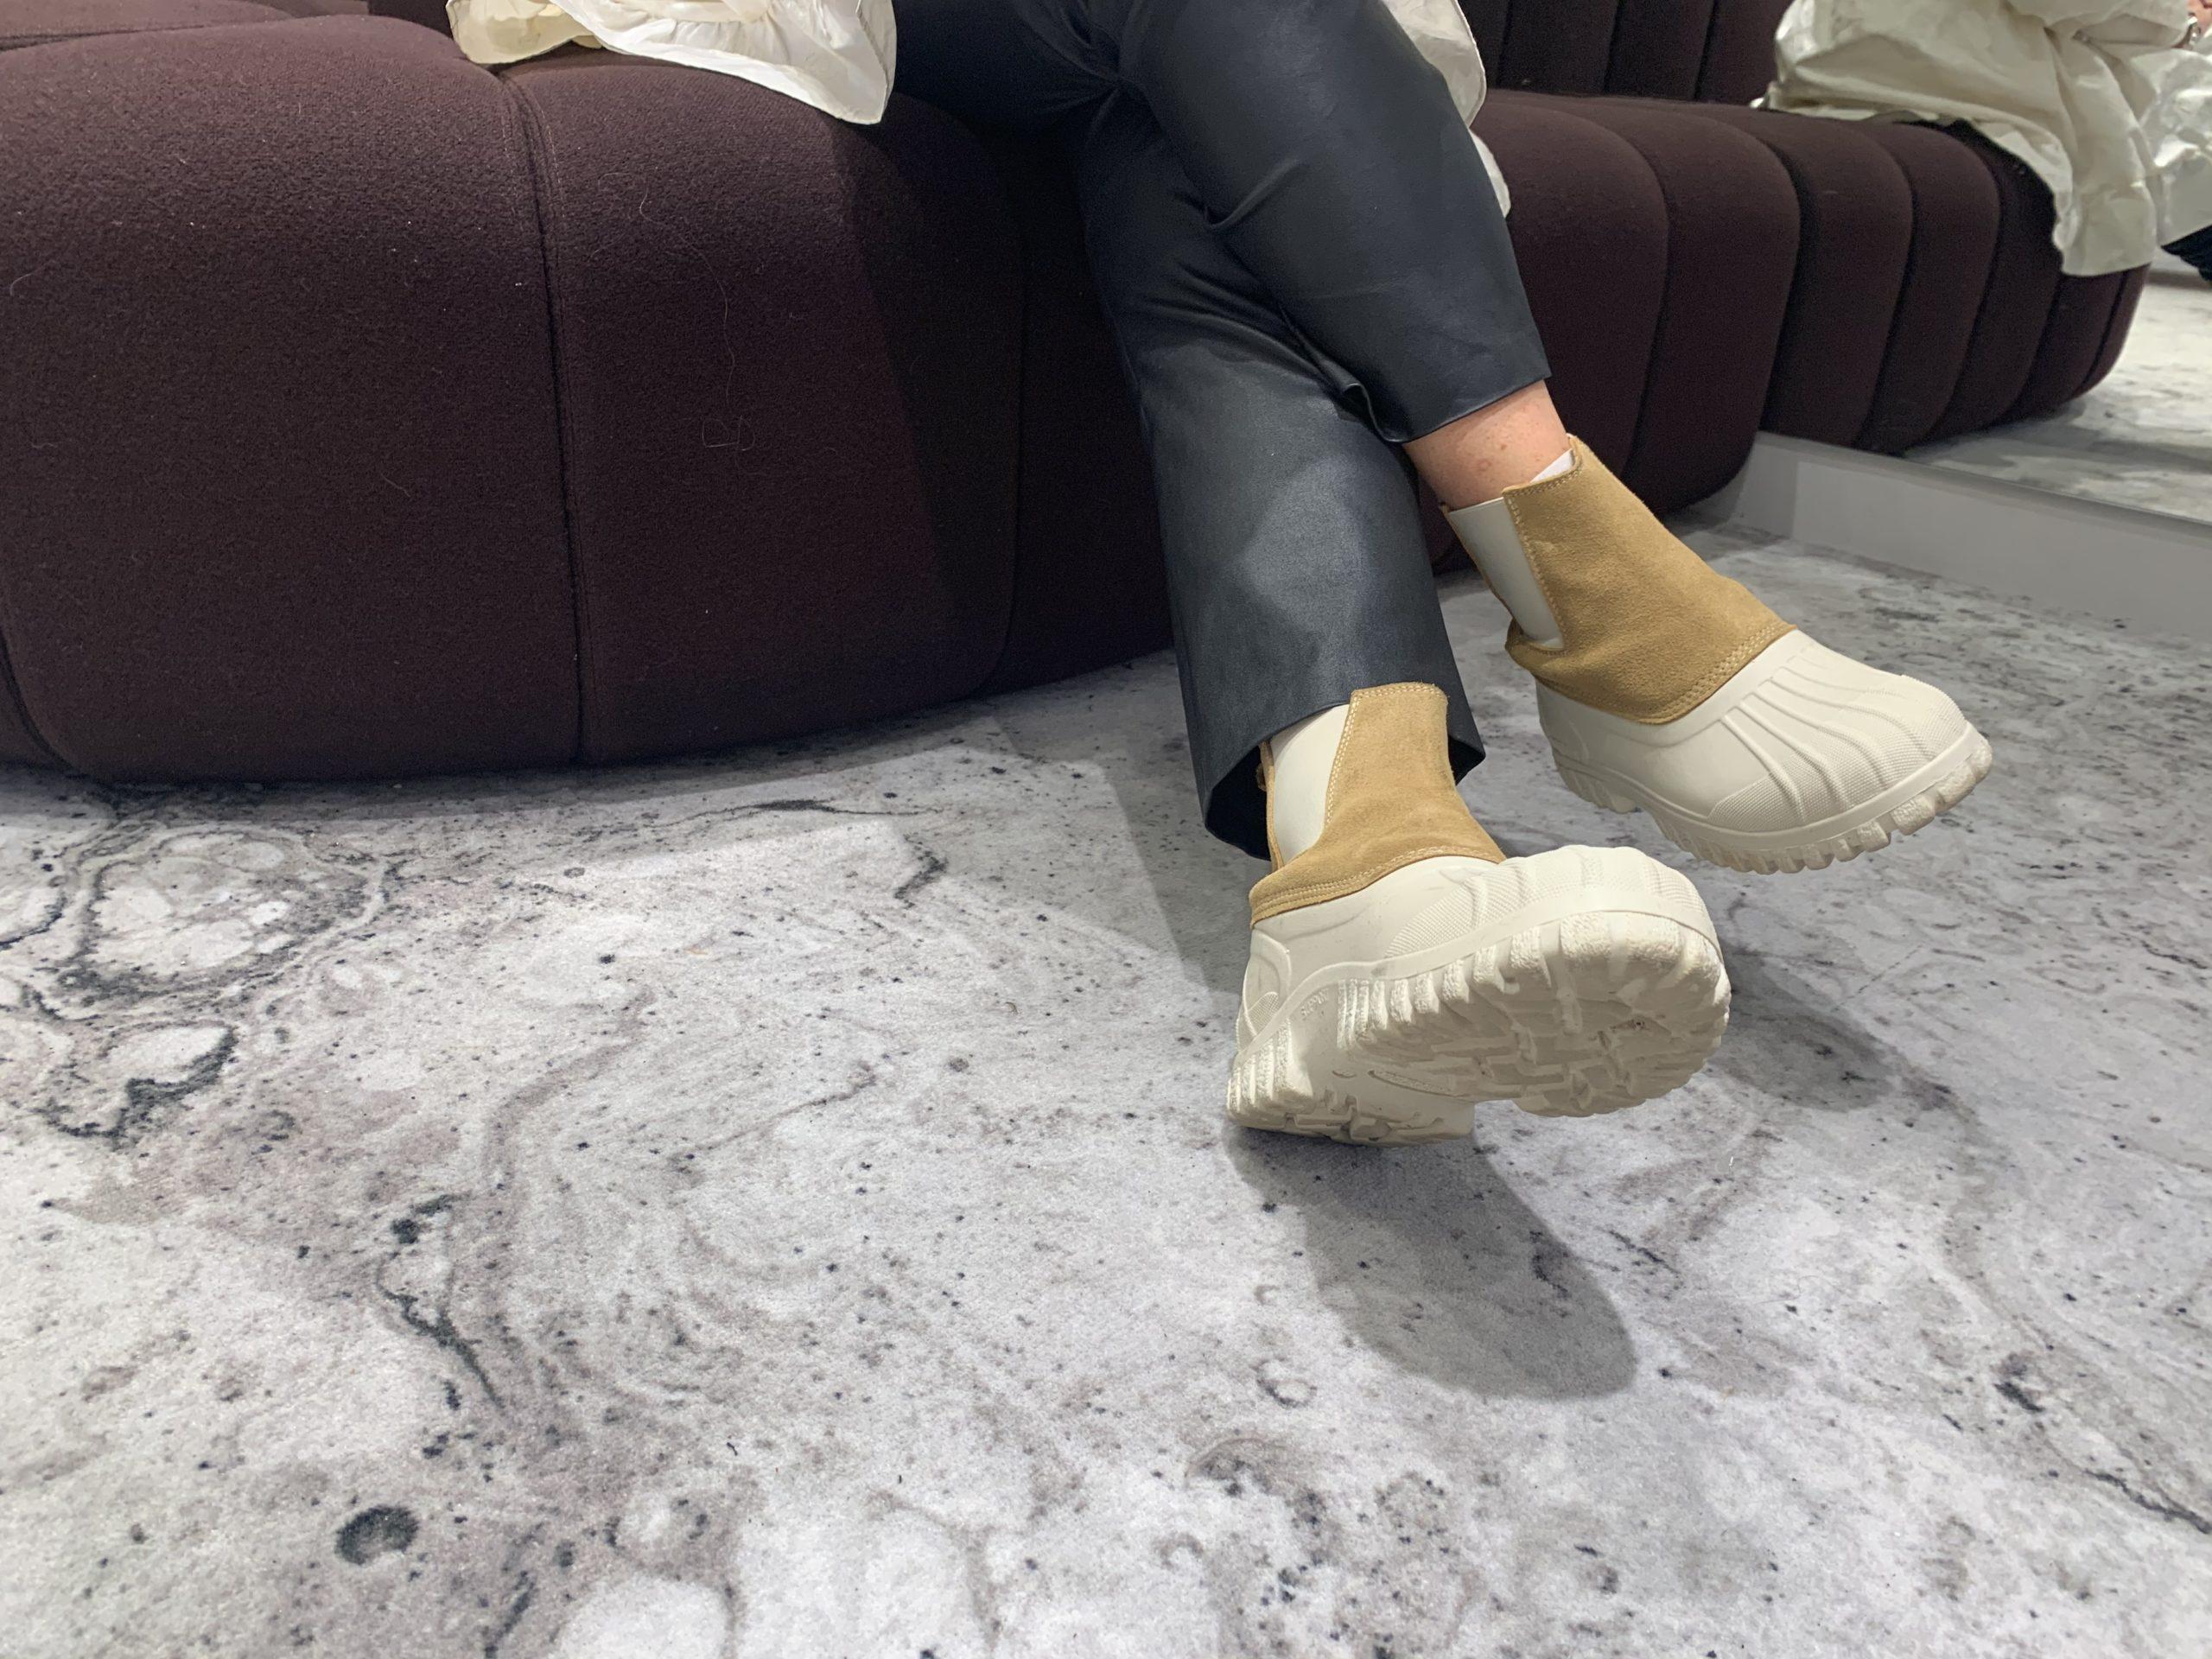 Sjukt nöjd med mina nya boots från Diemme